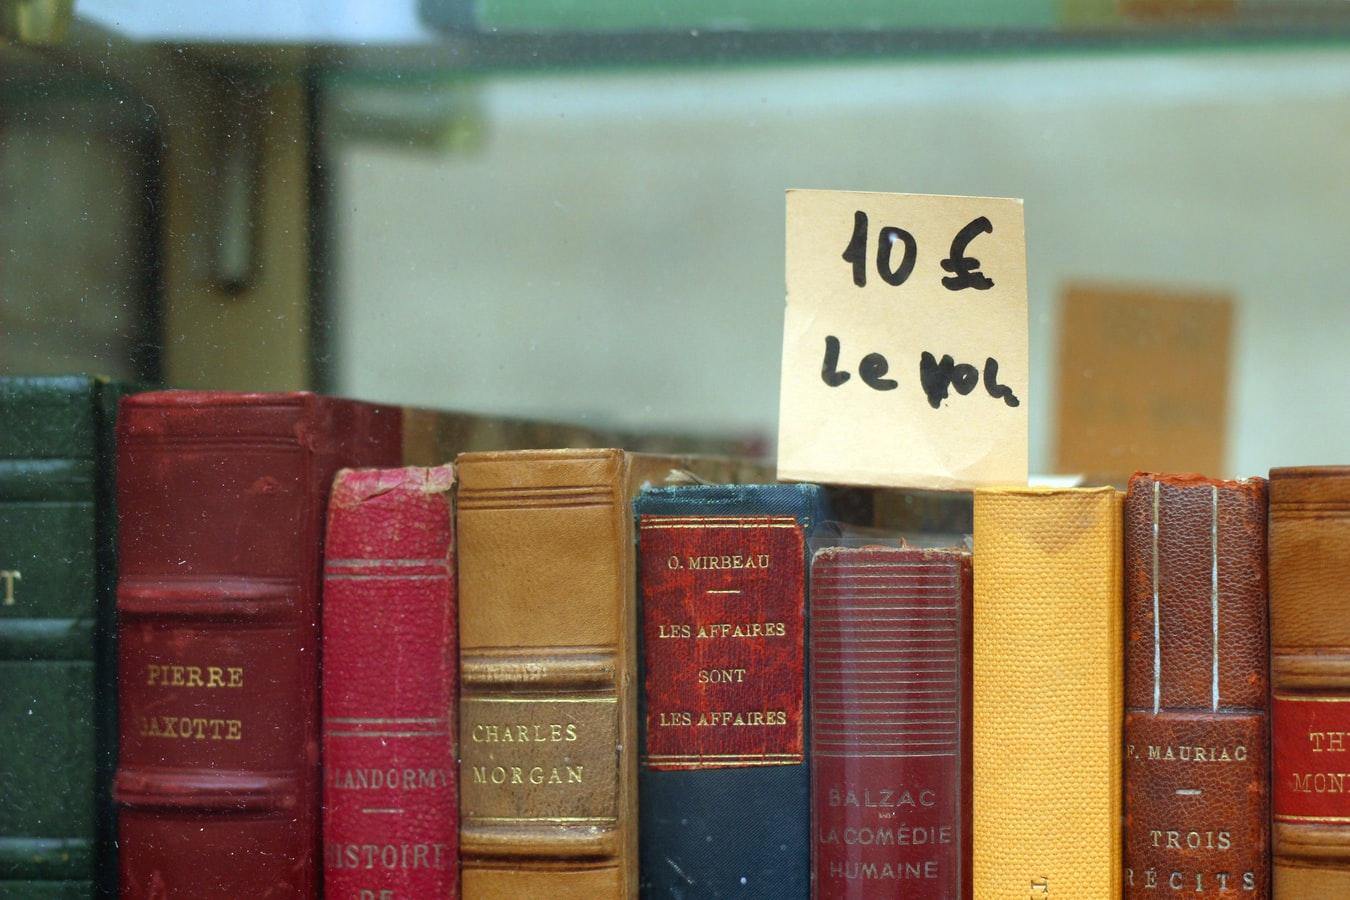 Vieux livres en vente pour gagner de l'argent